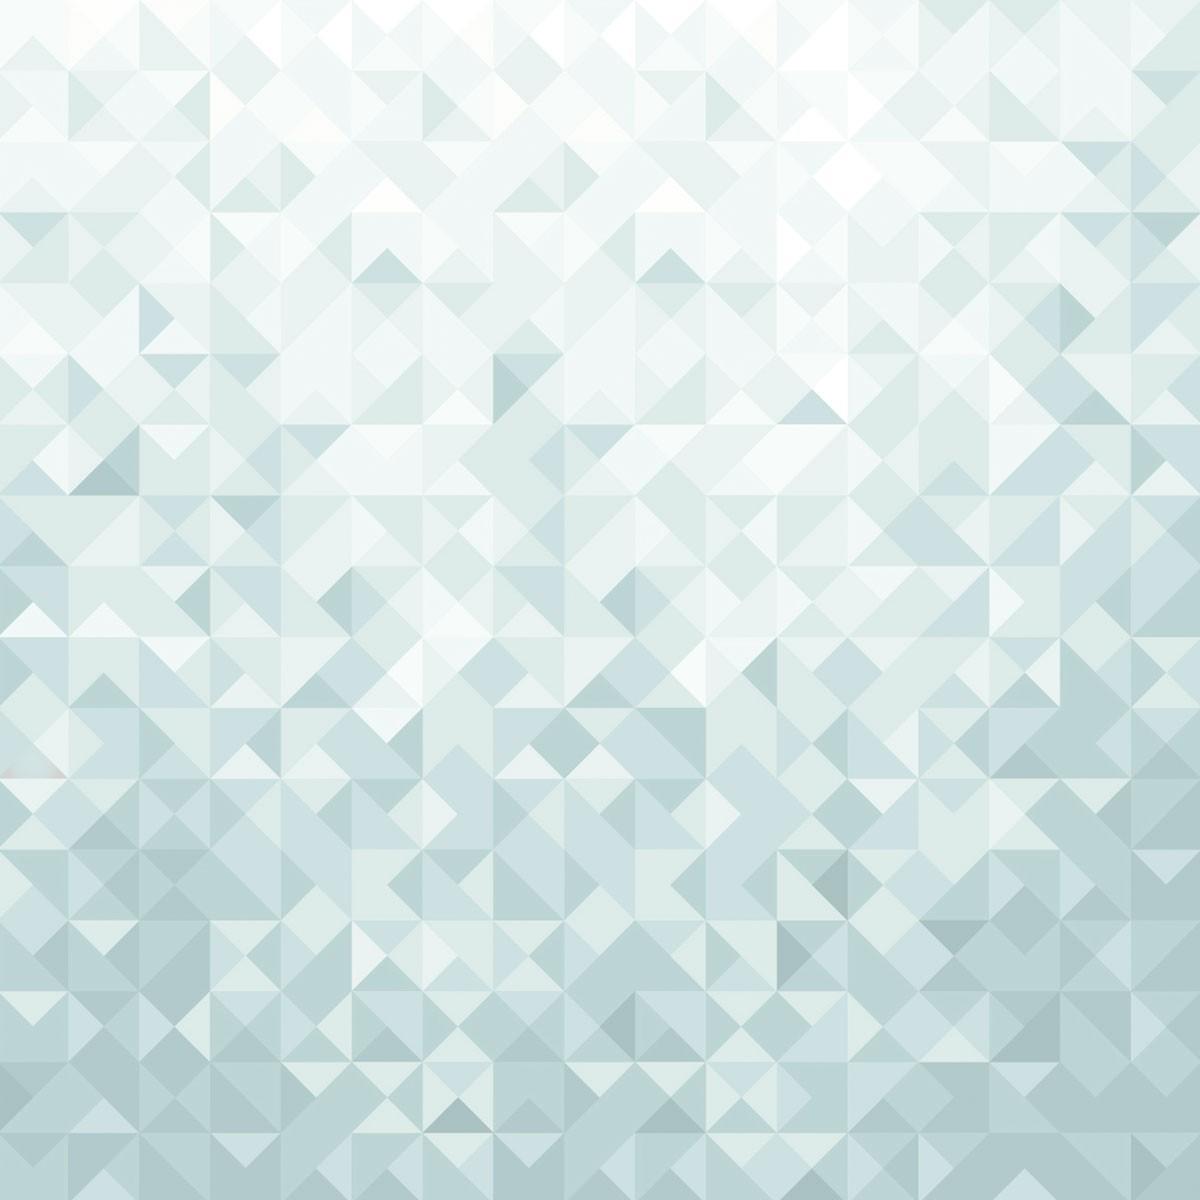 Geometric albastru